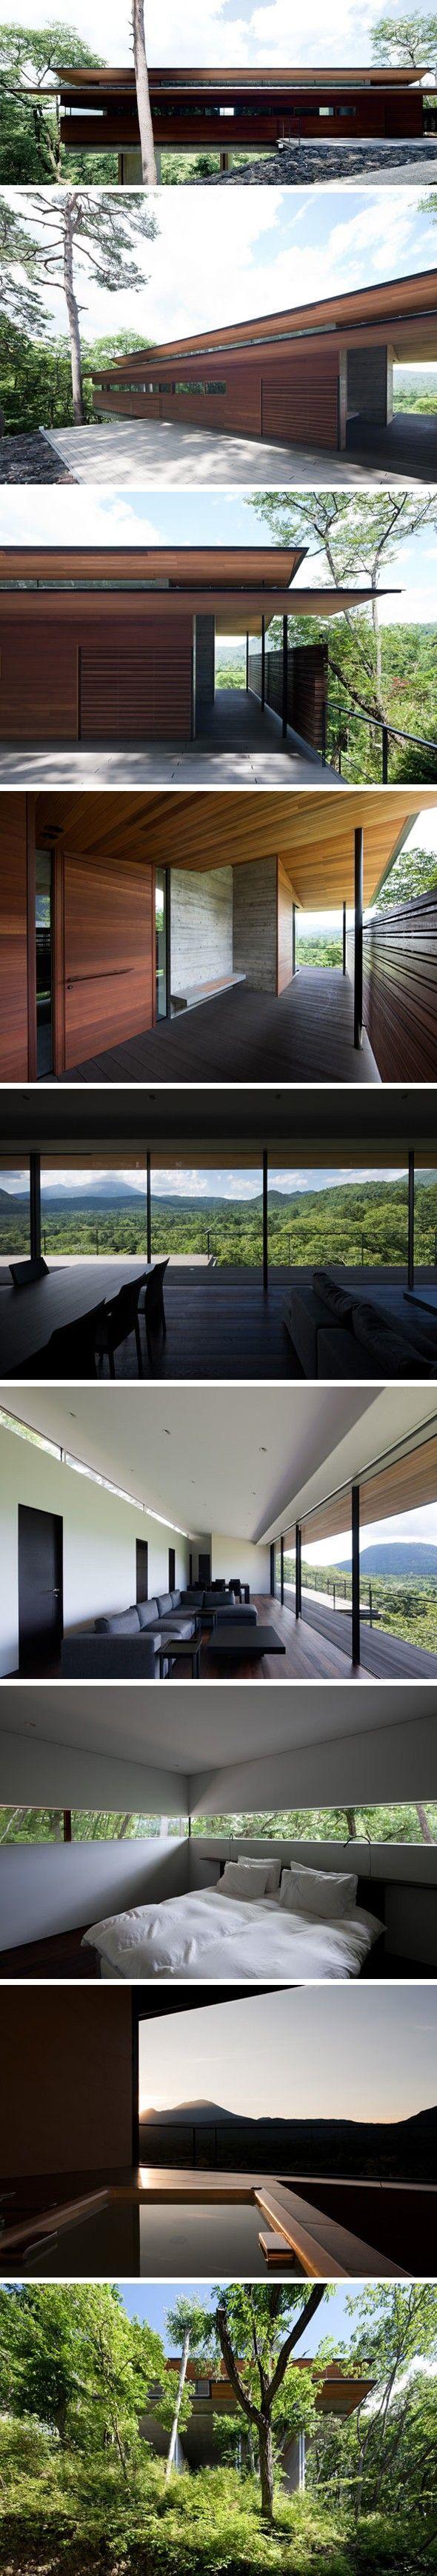 Prenons un peu de hauteur Cette résidence de 145 m2 réalisée par l'architecte japonais Hirotaka Kidosaki est perchée sur une montagne luxuriante dans la pr  ~ Great pin! For Oahu architectural design visit http://ownerbuiltdesign.com